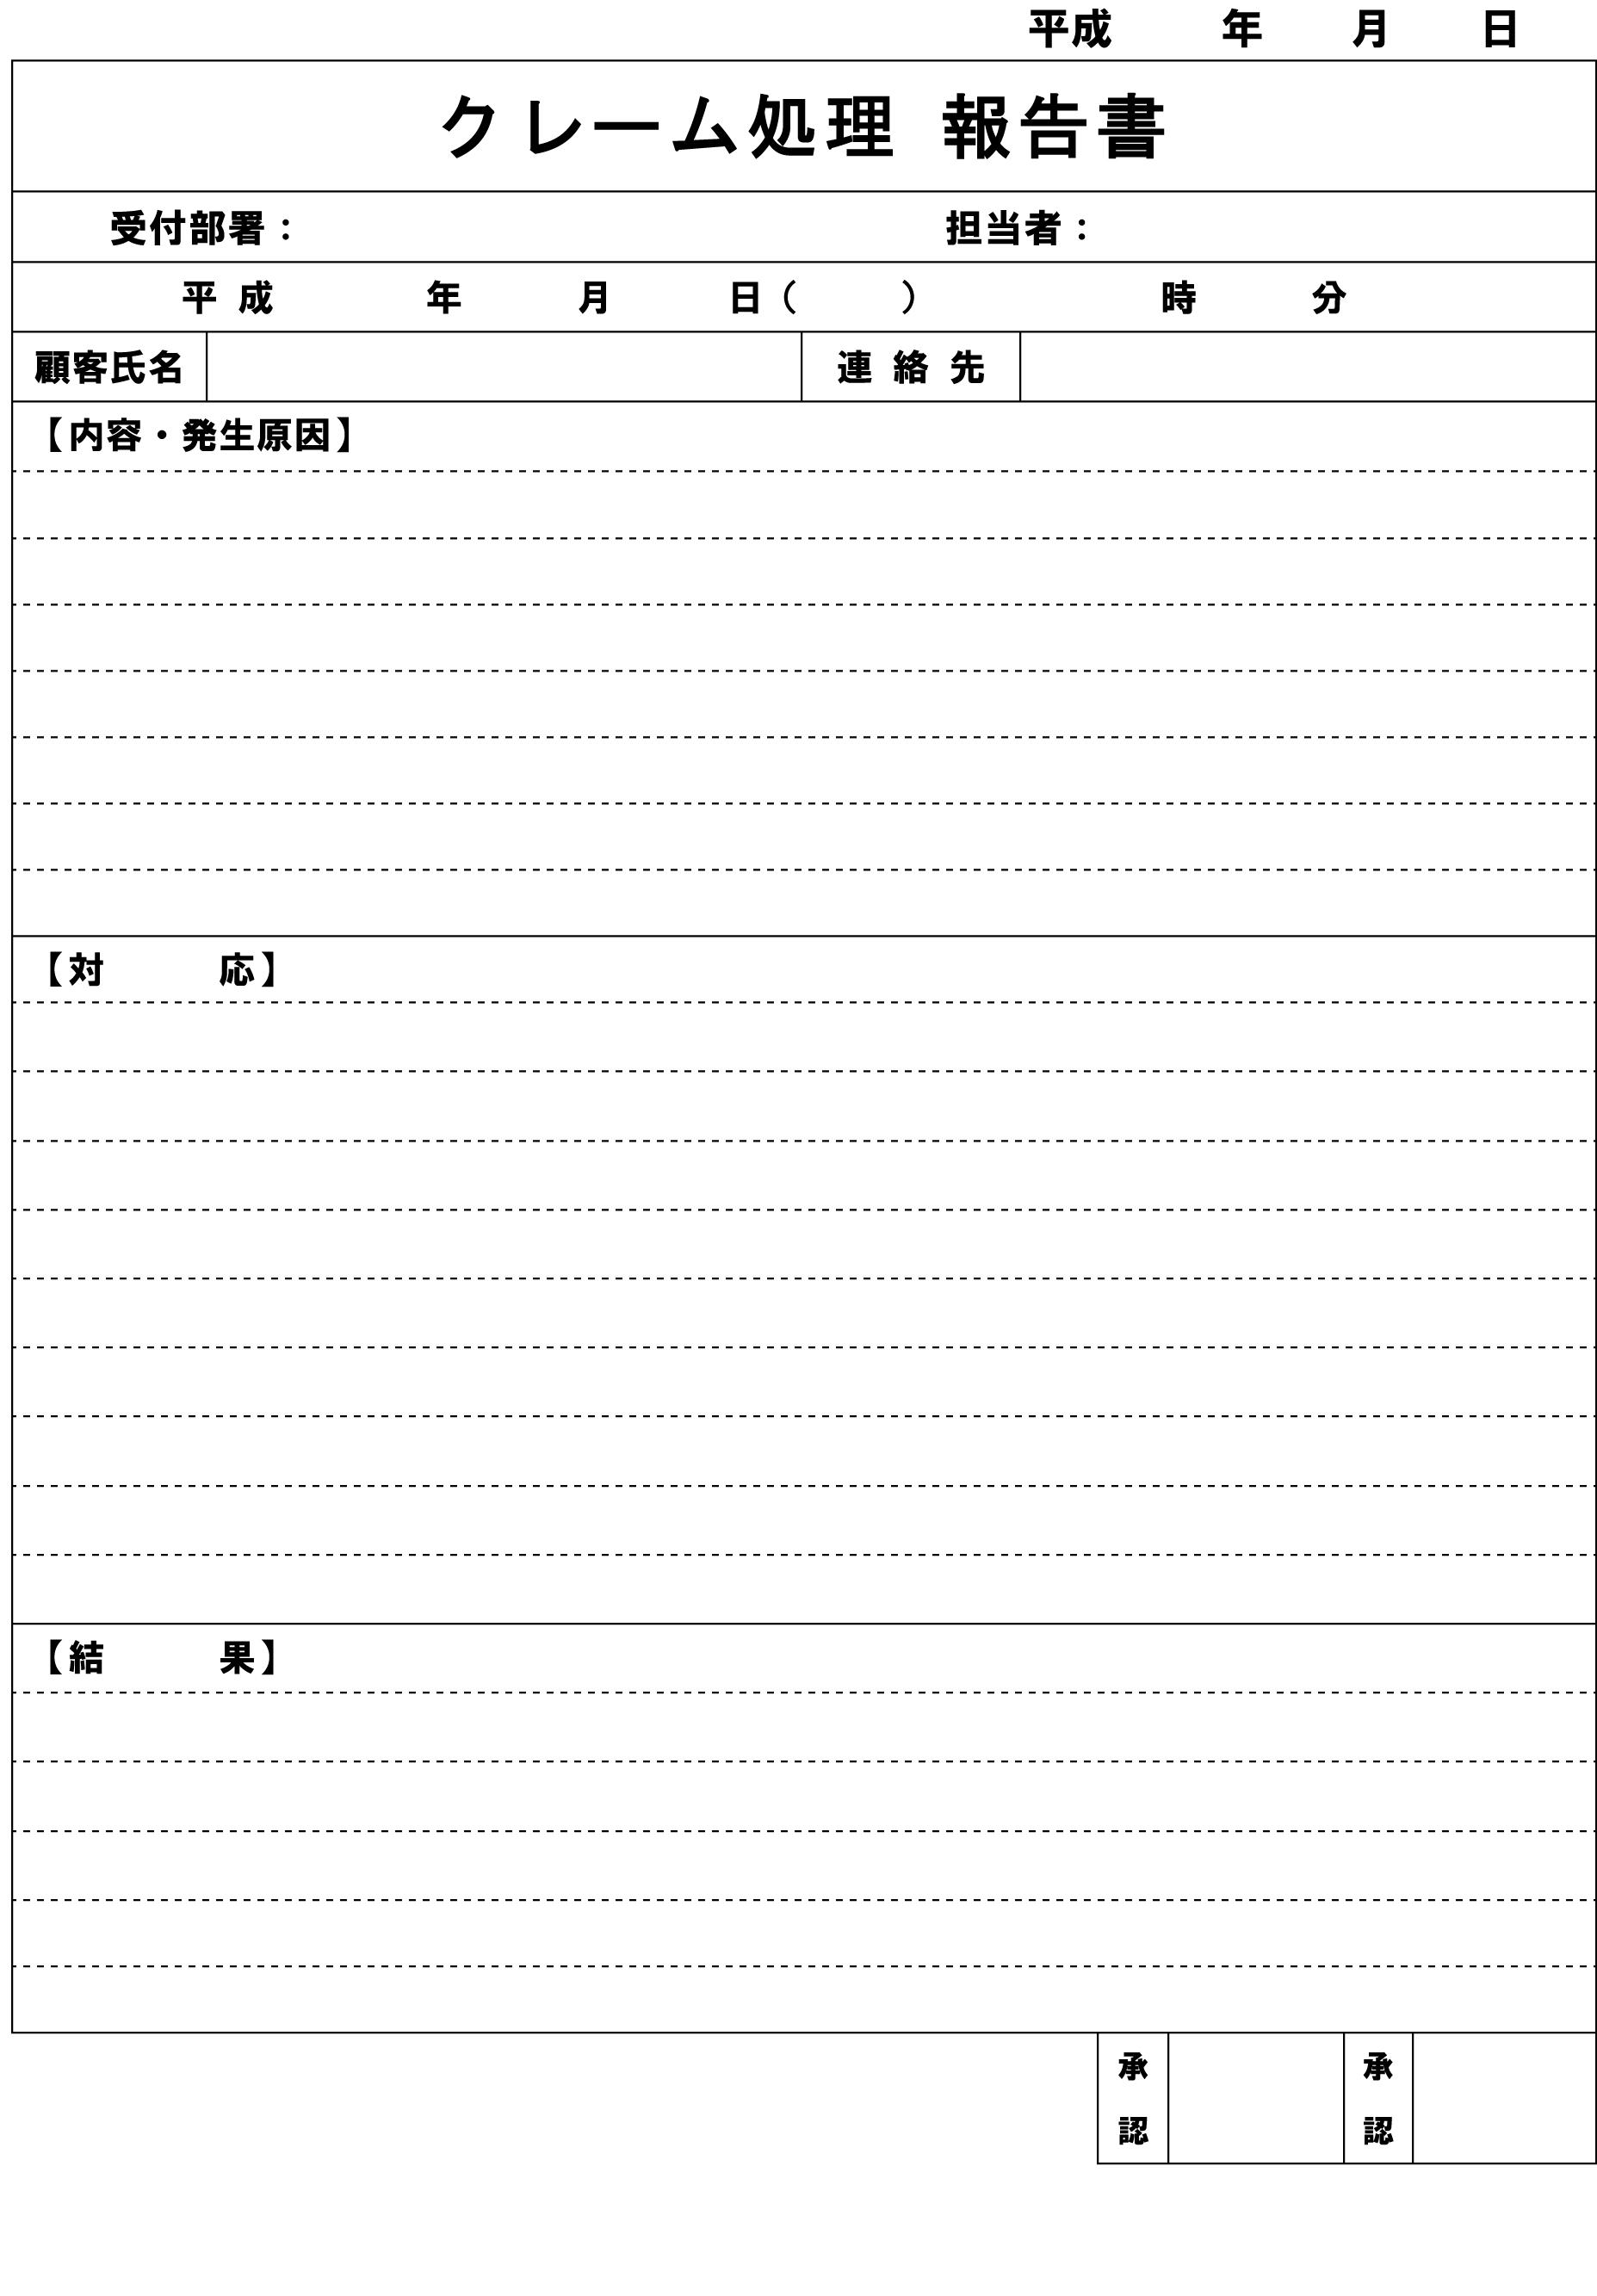 クレーム処理報告書04